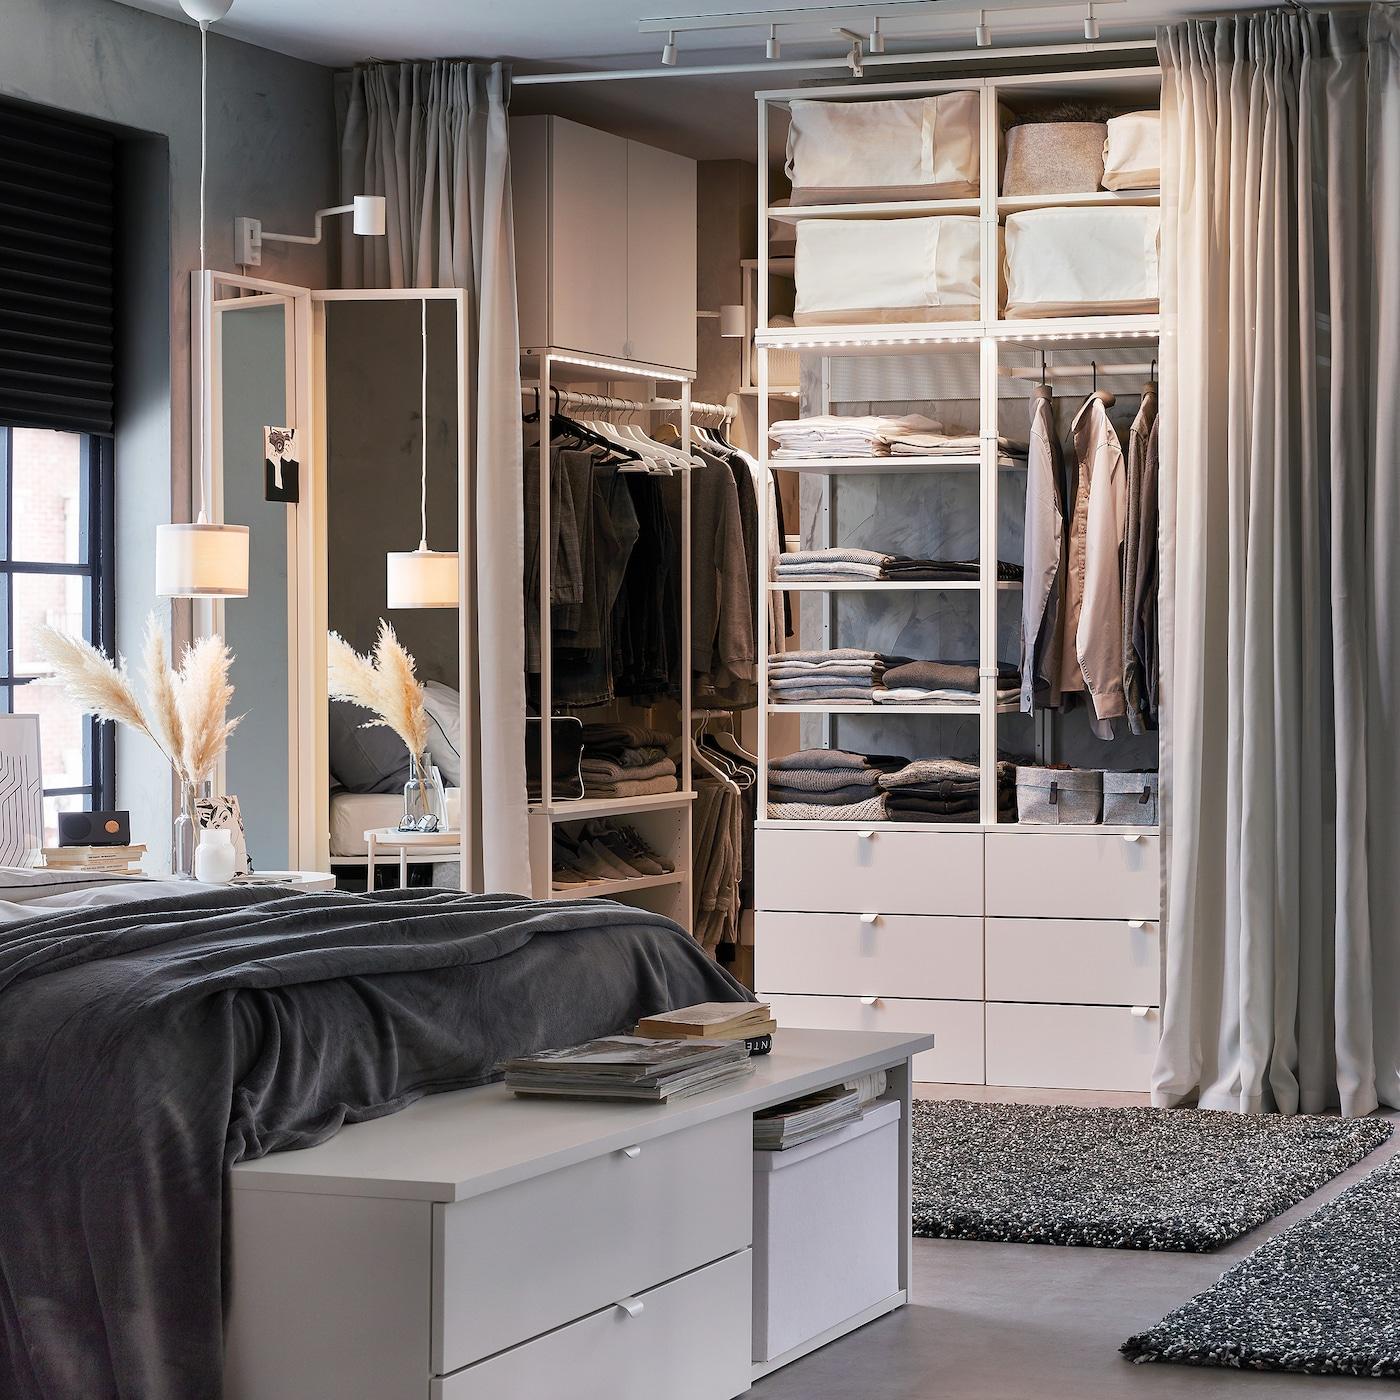 Um quarto em branco e cinzento, no geral, com um banco com gavetas em branco, um roupeiro aberto, cortinados em cinzento claro e tapetes em cinzento escuro.